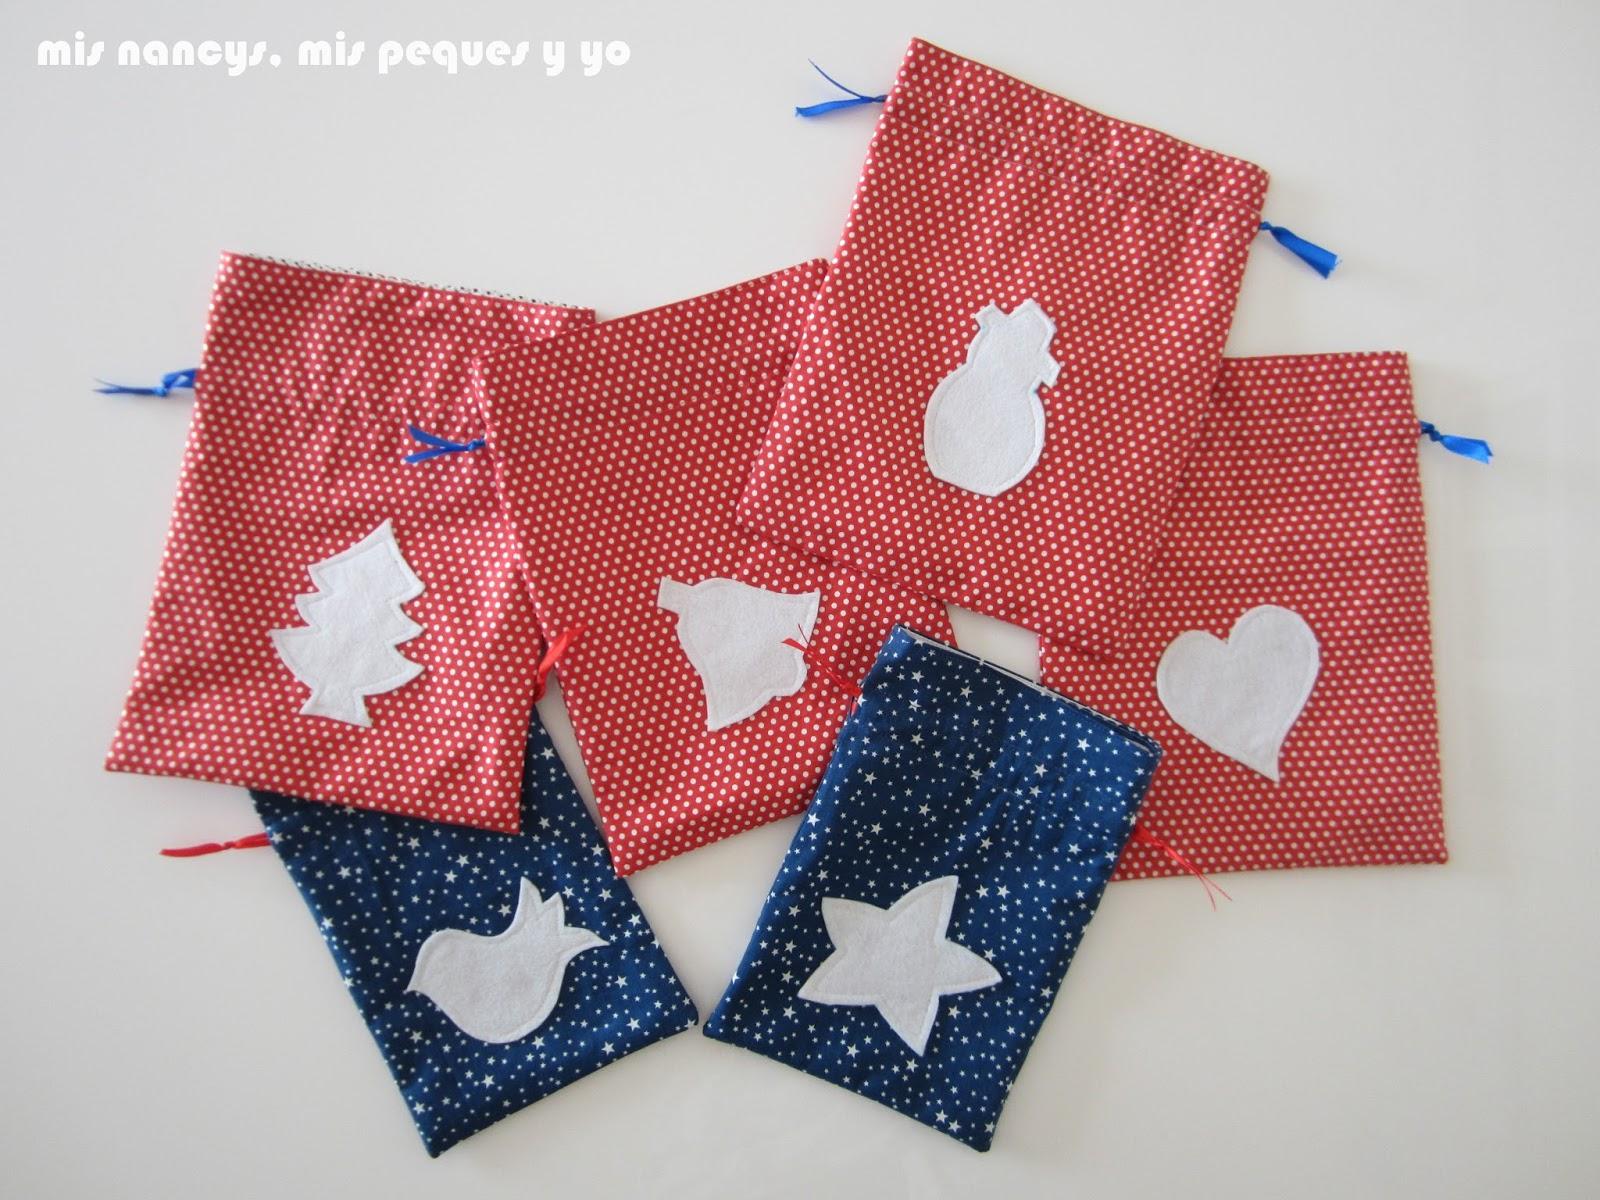 mis nancys, mis peques y yo, tutorial bolsitas de Navidad reversibles, bolsas con adornos